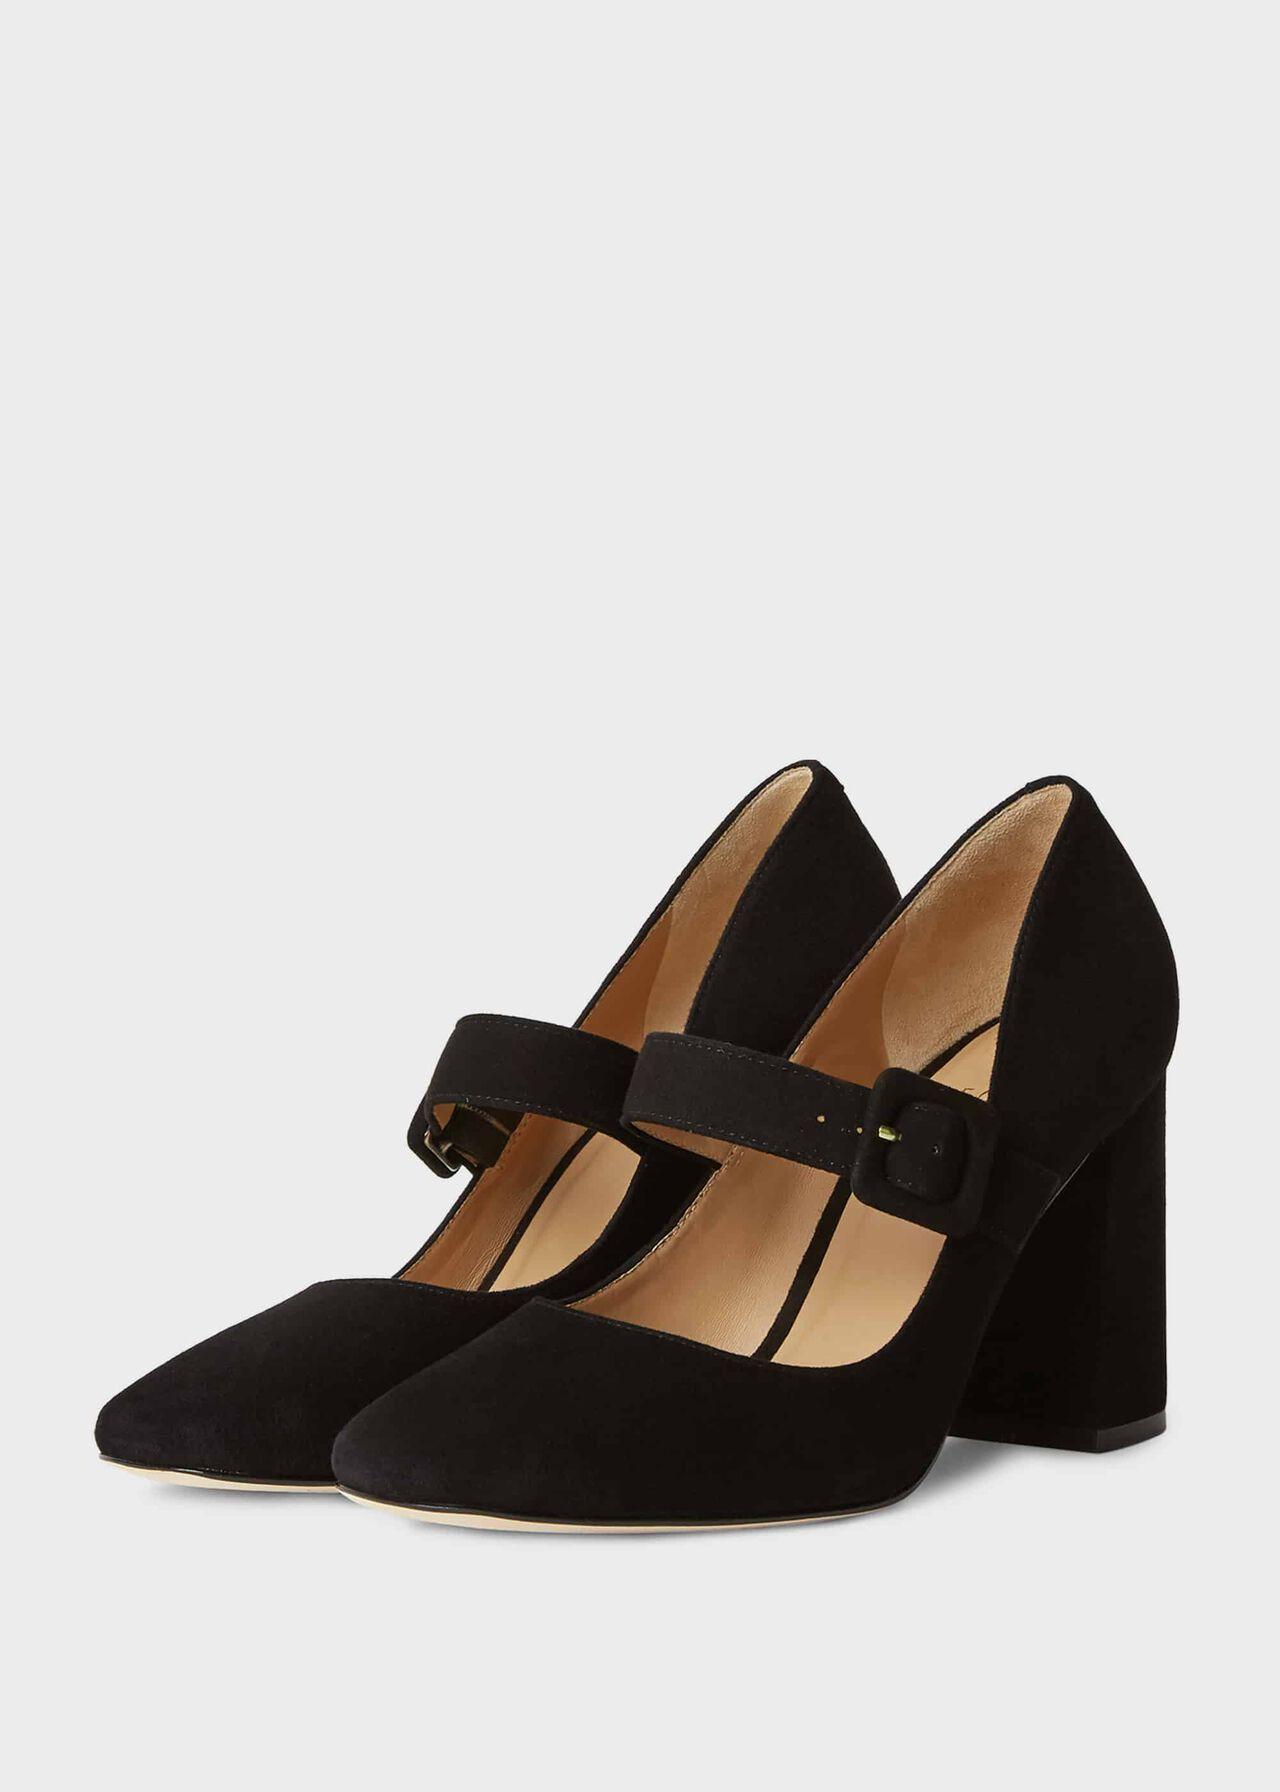 Darcie Suede Block Heel Court Shoes Black